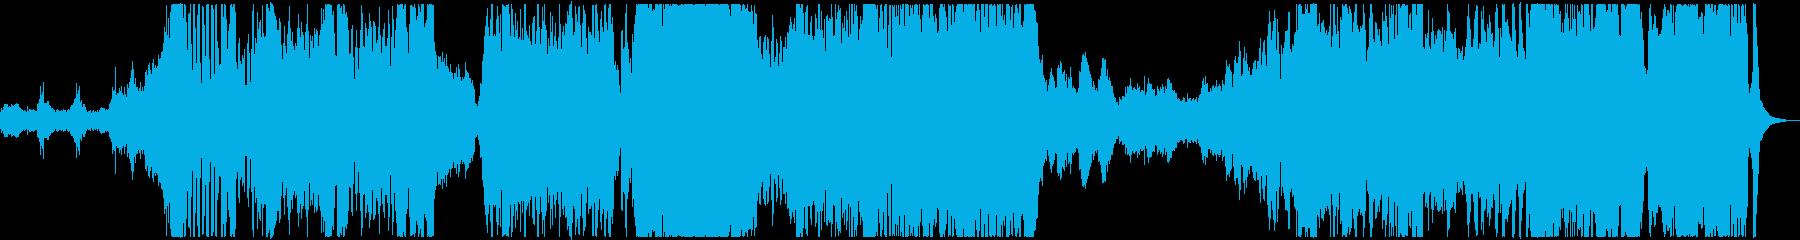 怪奇なファンタジーディズニーオーケストラの再生済みの波形